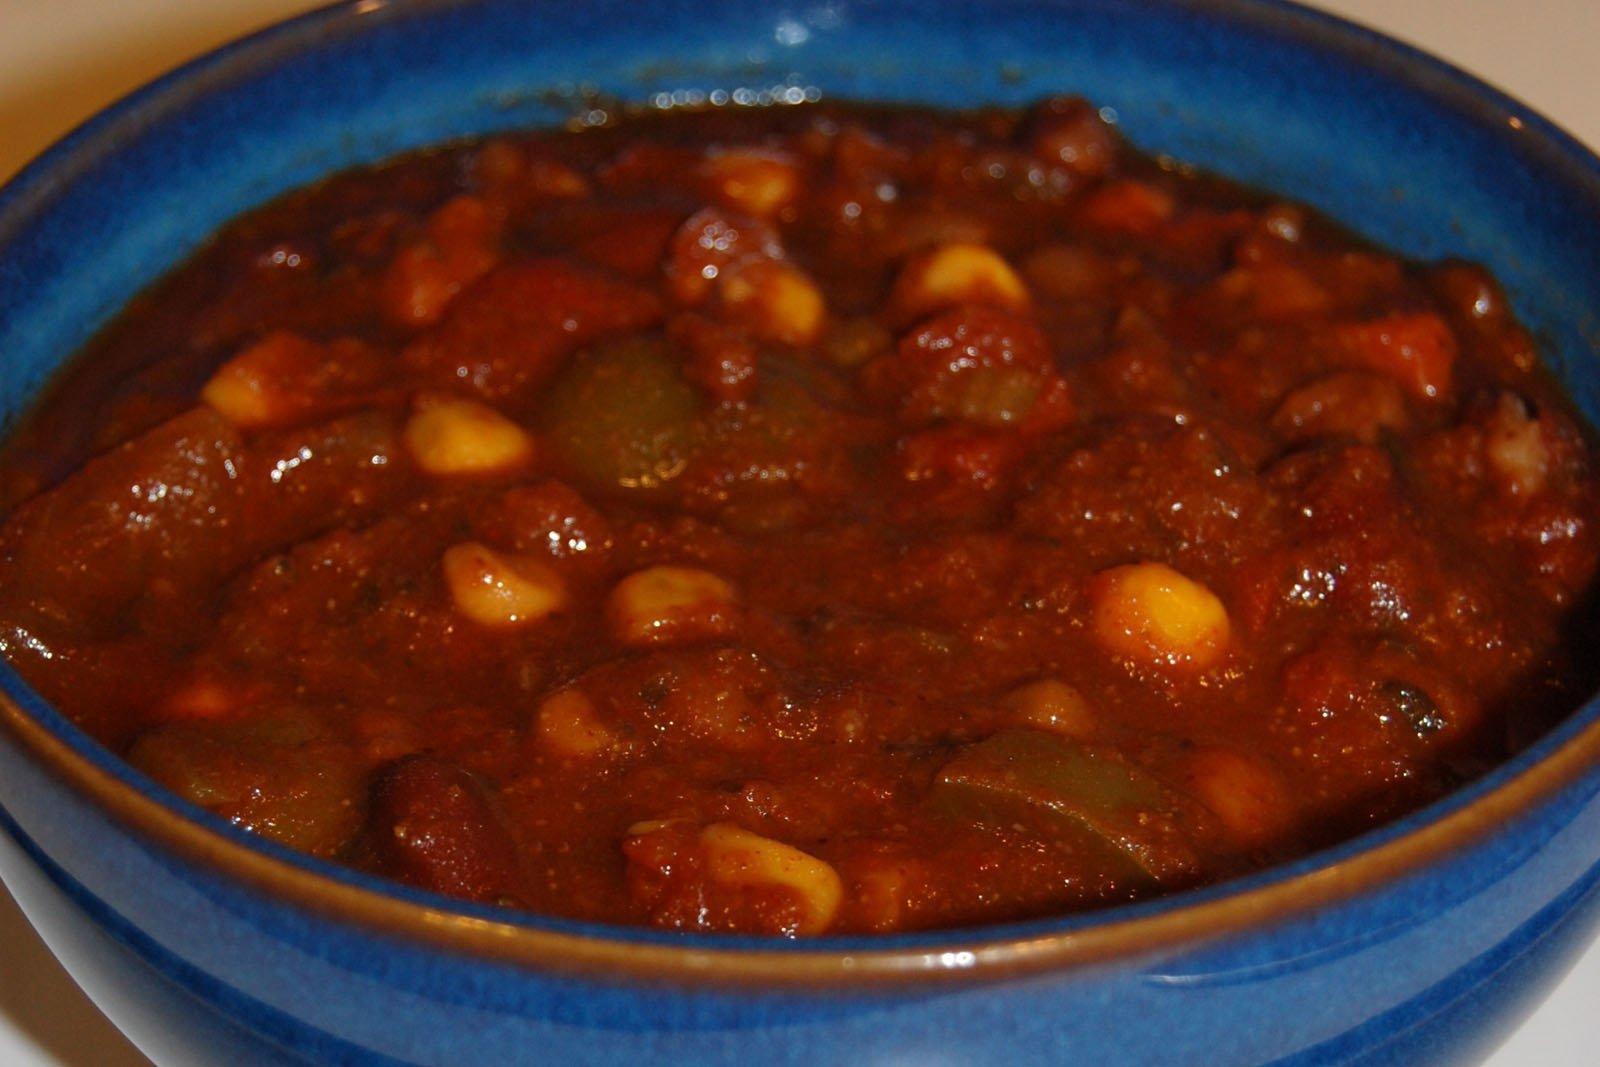 Cowpea Chili Con Carne